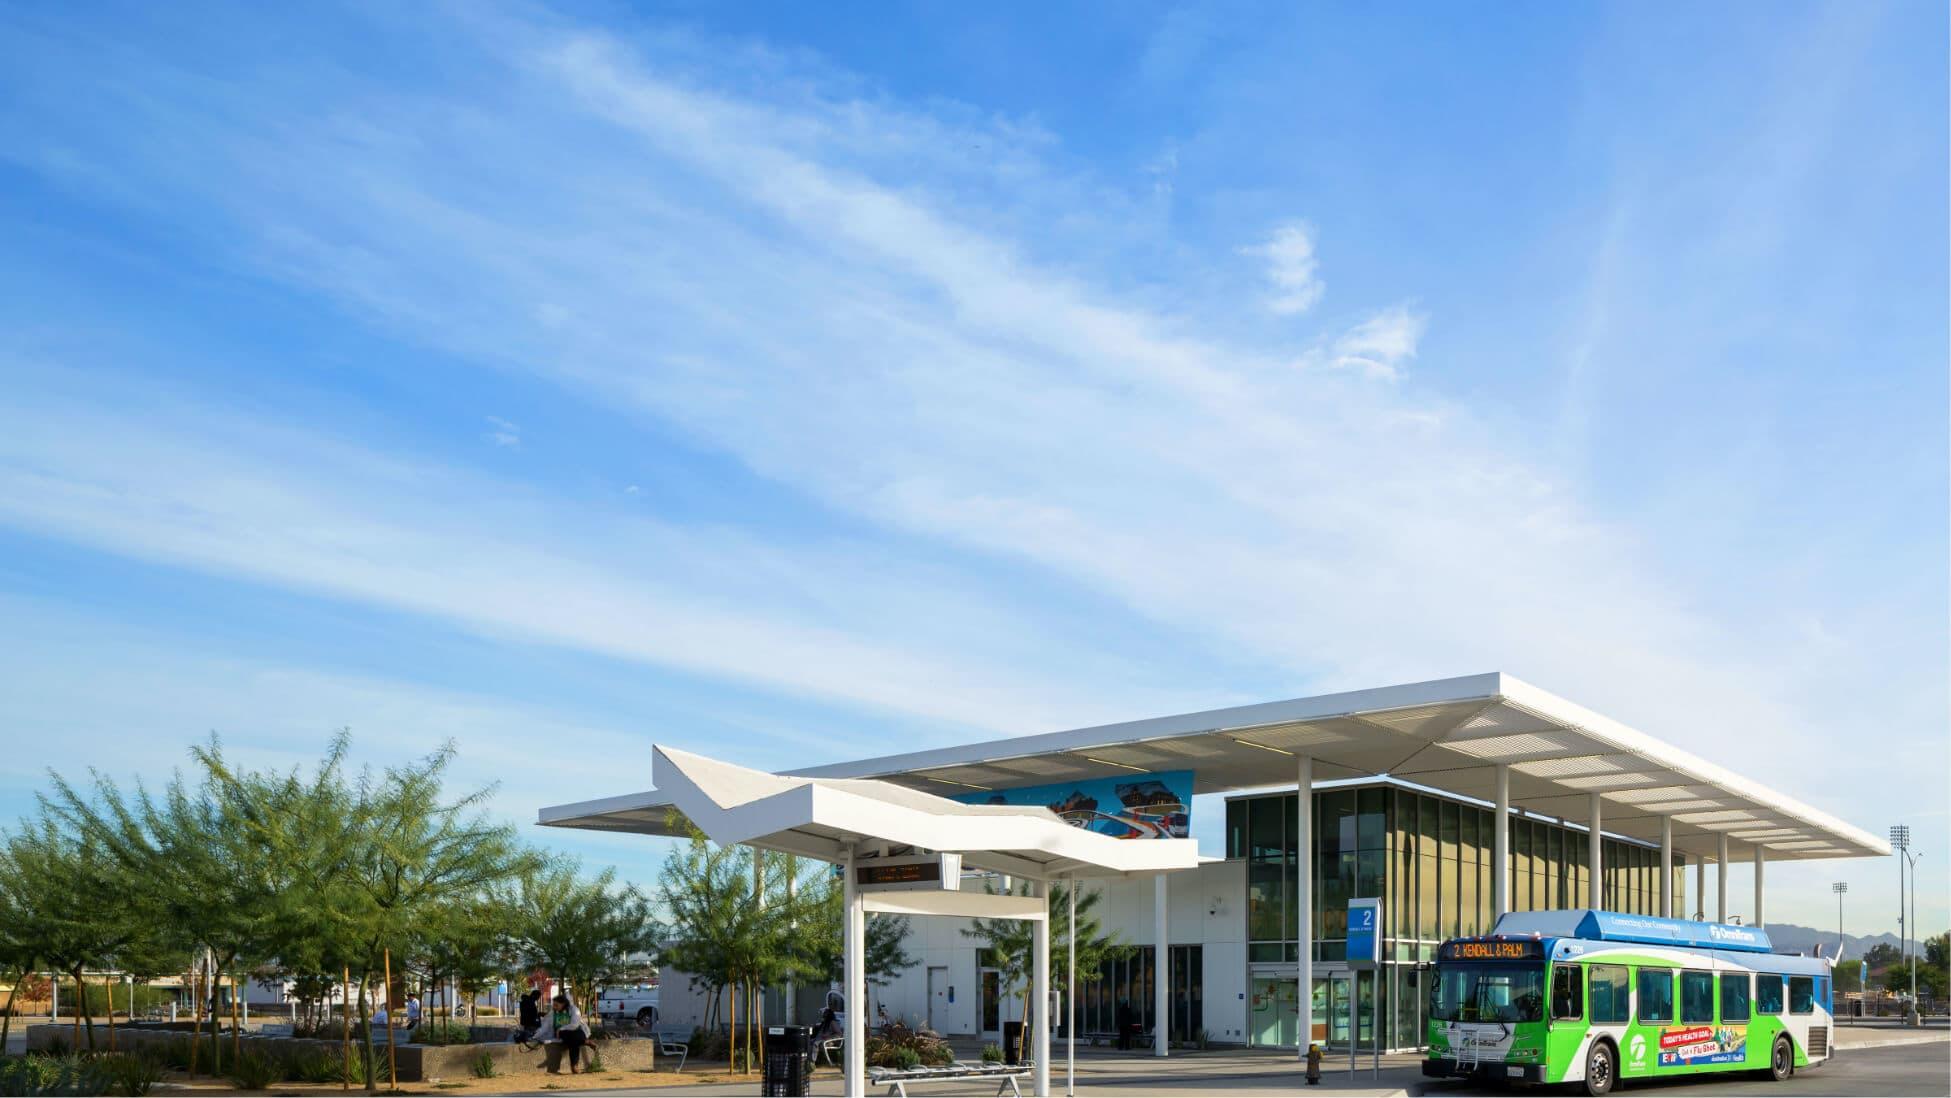 image of san bernardino transit center with bus